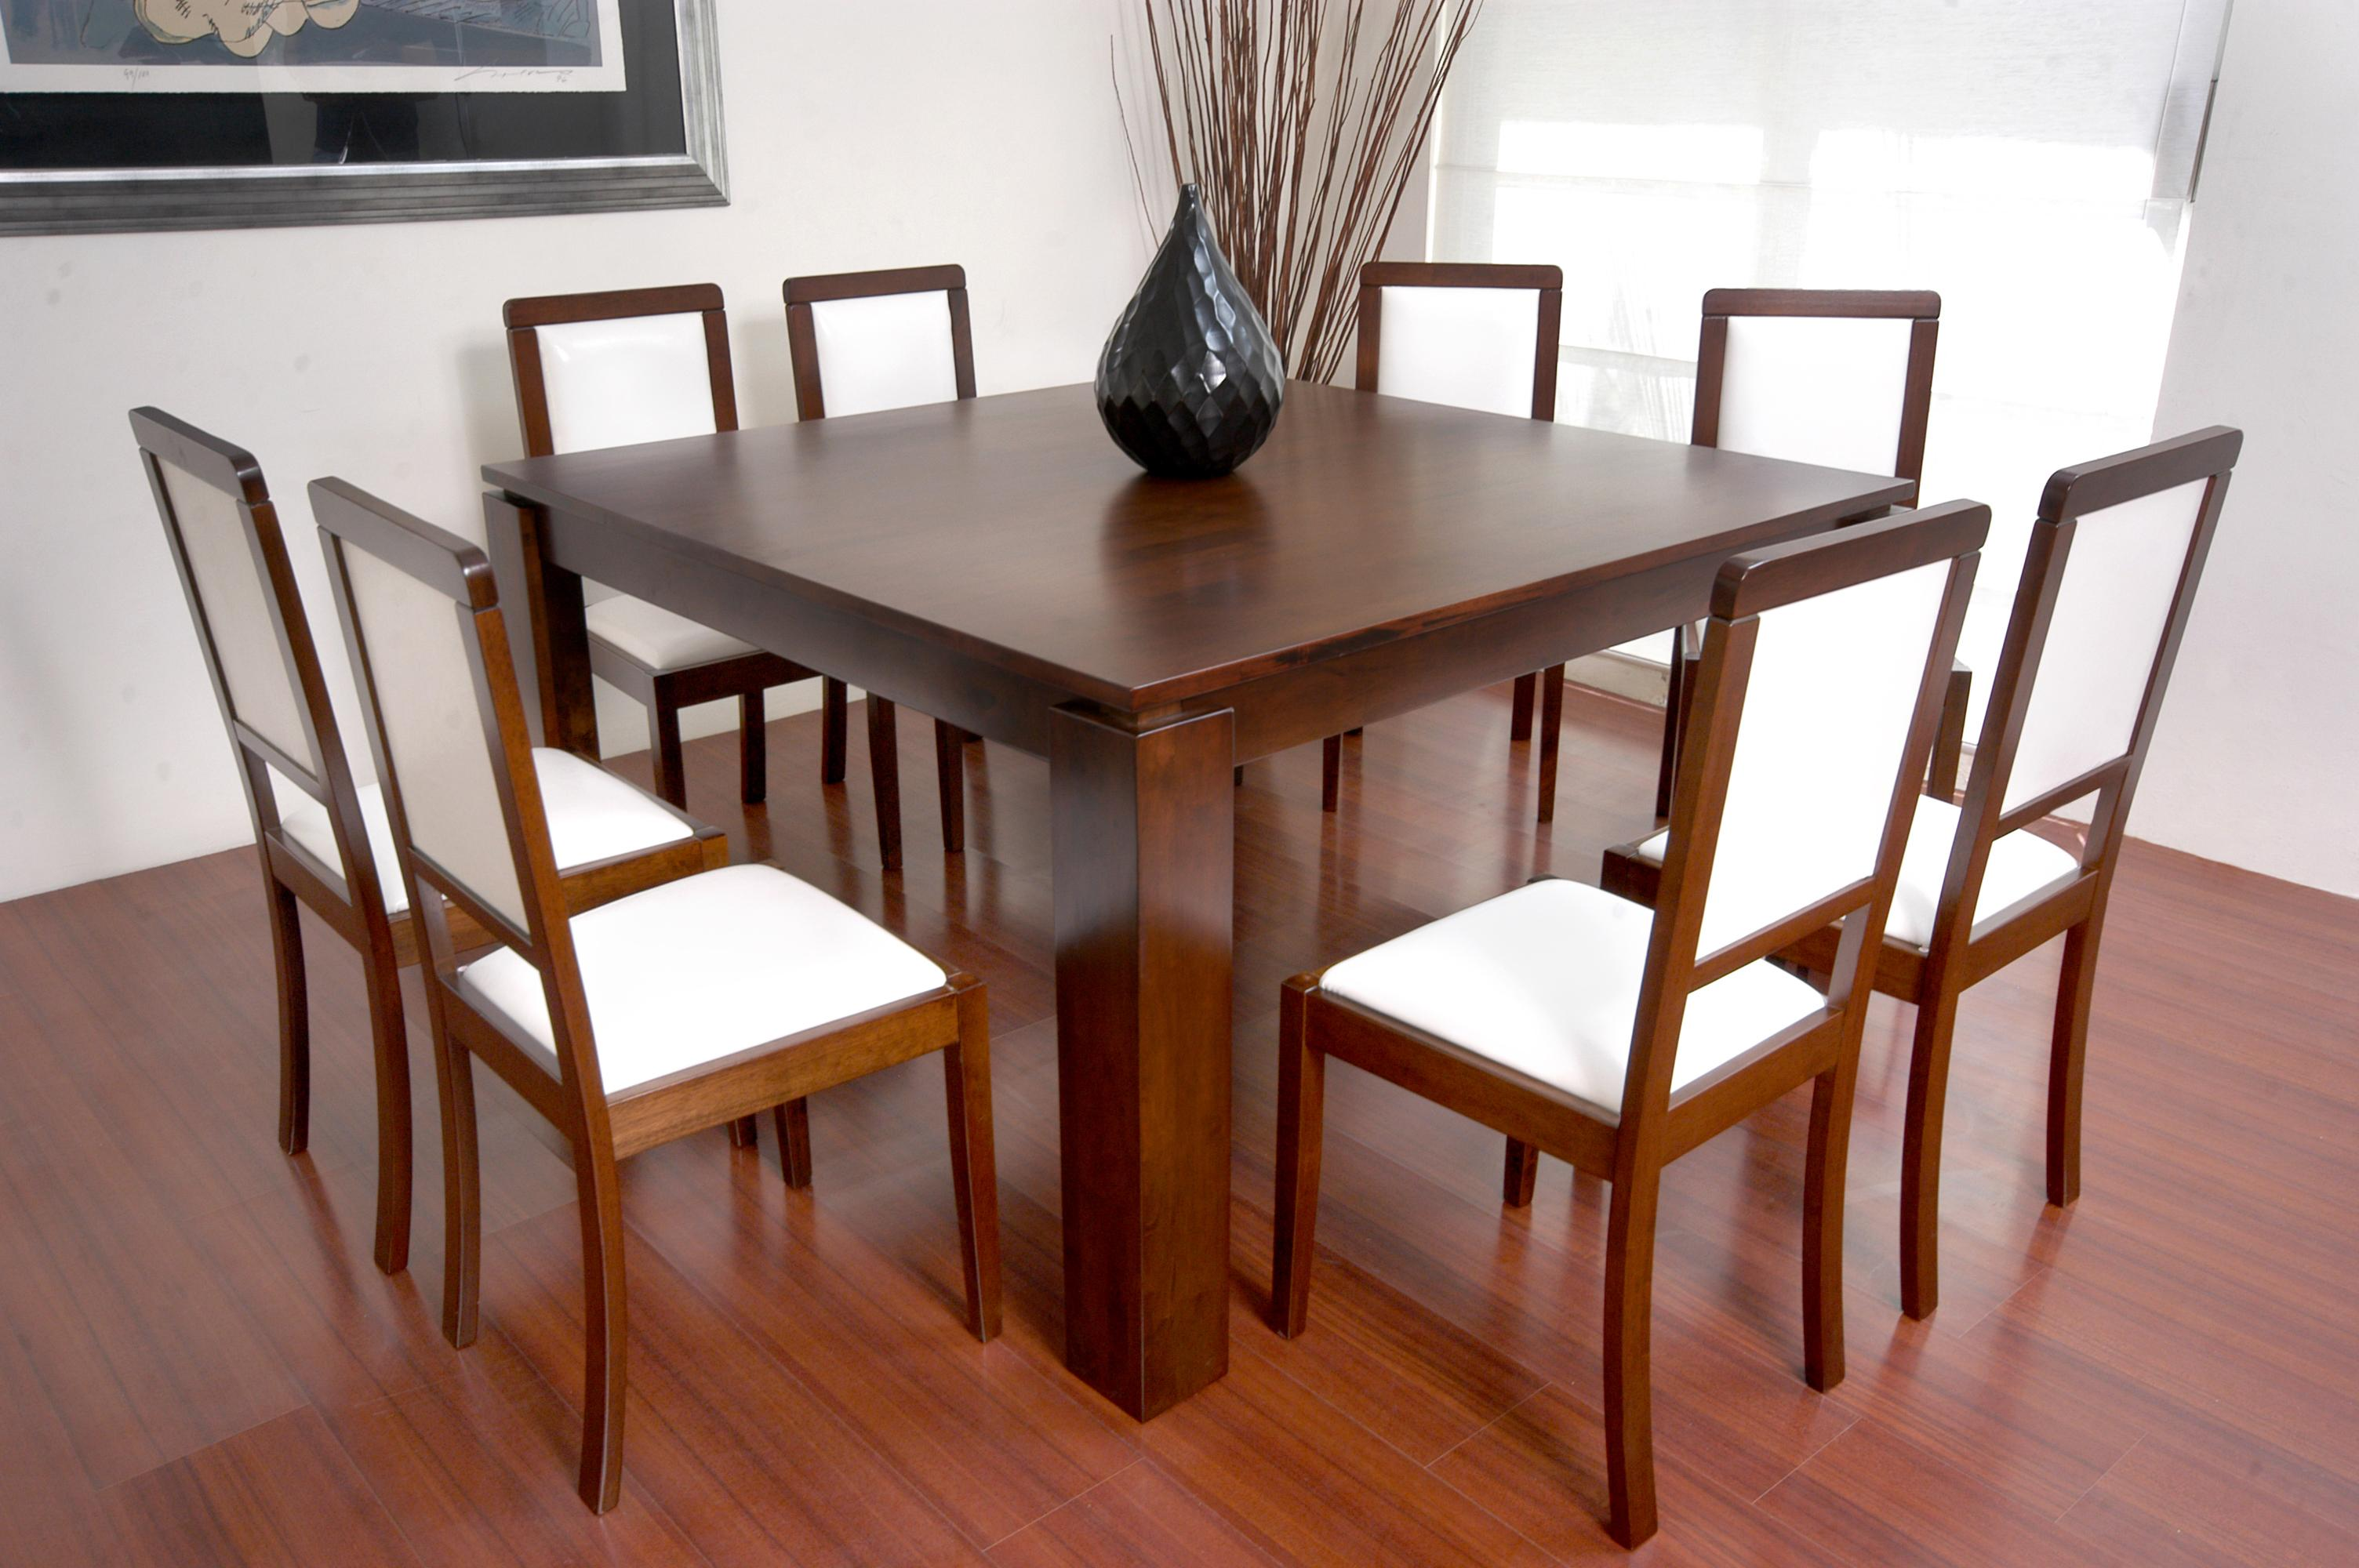 Antecomedor capri for Comedor 8 sillas madera